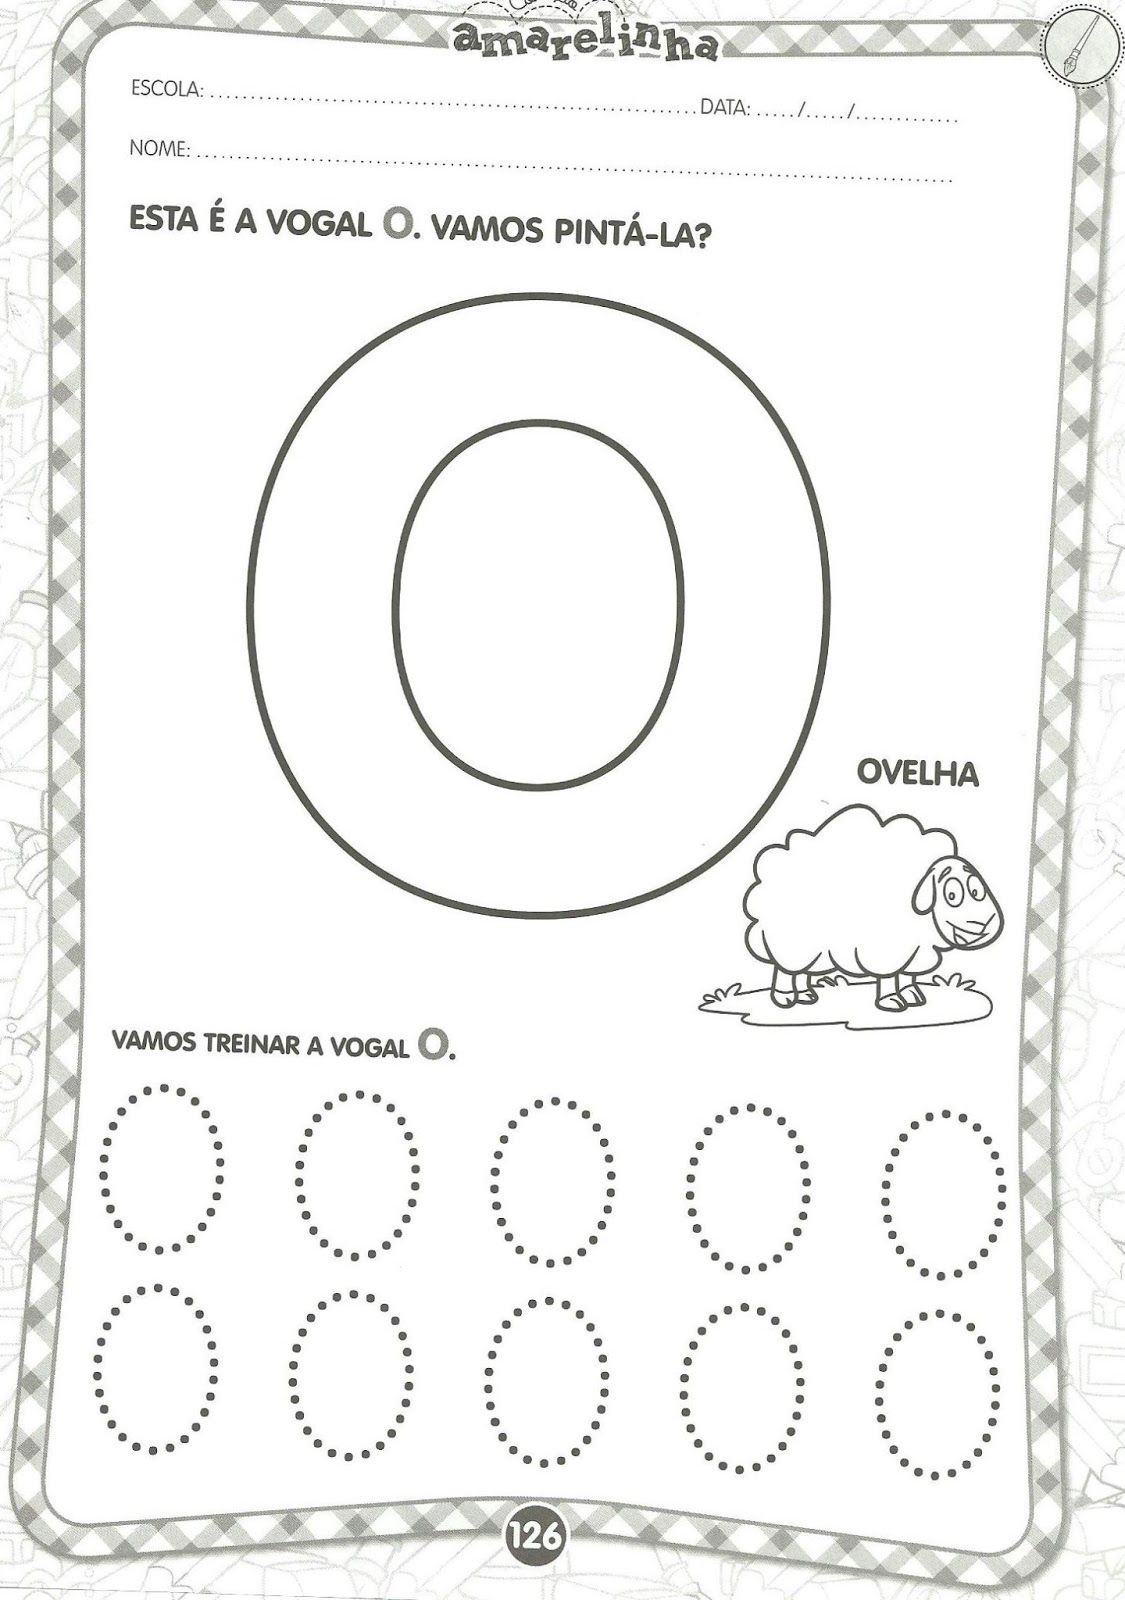 Excepcional Arte de Educar: Vogais - Educação Infantil | Educação | Pinterest  NH53